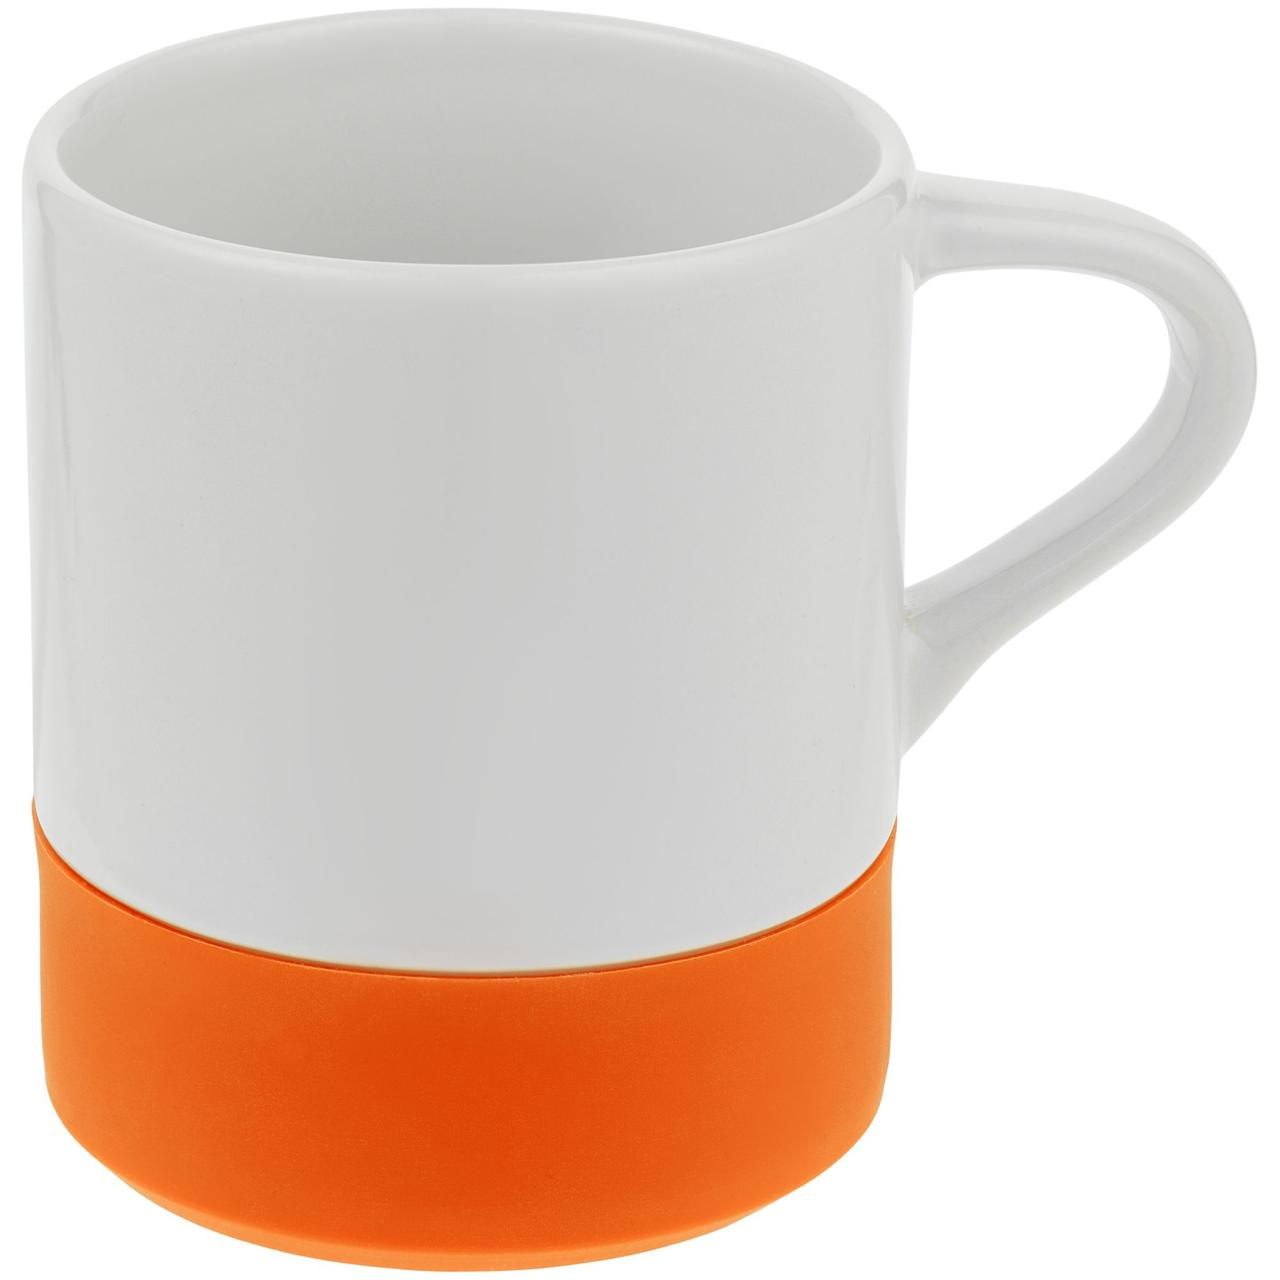 Кружка с силиконовой подставкой Protege, оранжевая (артикул 12892.20)